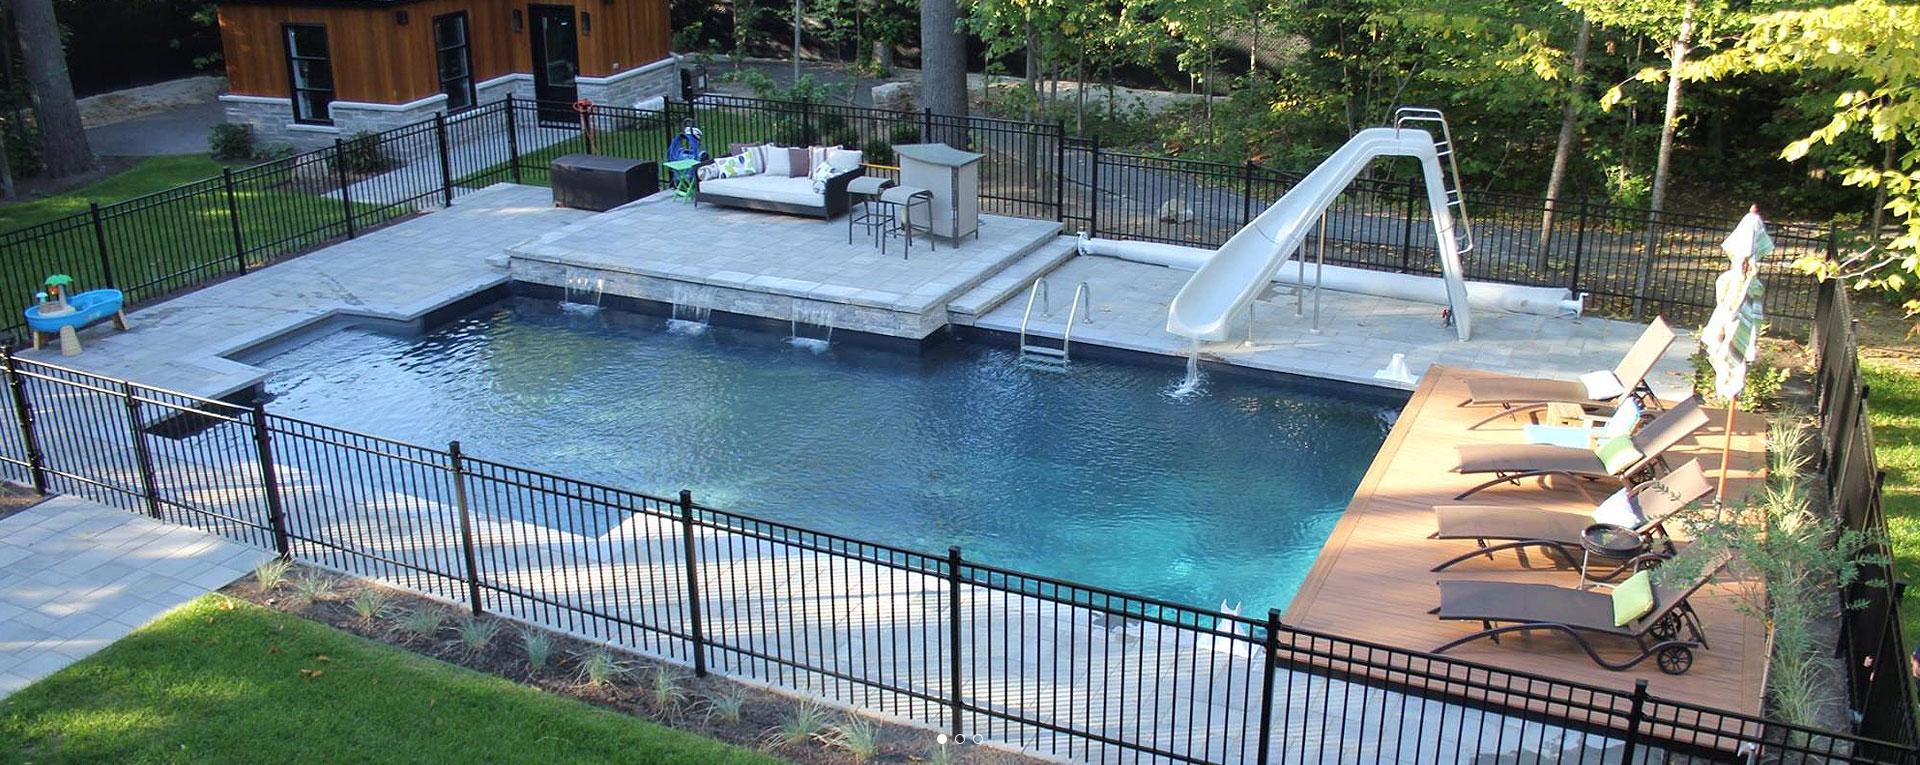 d coration piscine creusee prix 38 avignon salon de provence carte salon de jardin. Black Bedroom Furniture Sets. Home Design Ideas